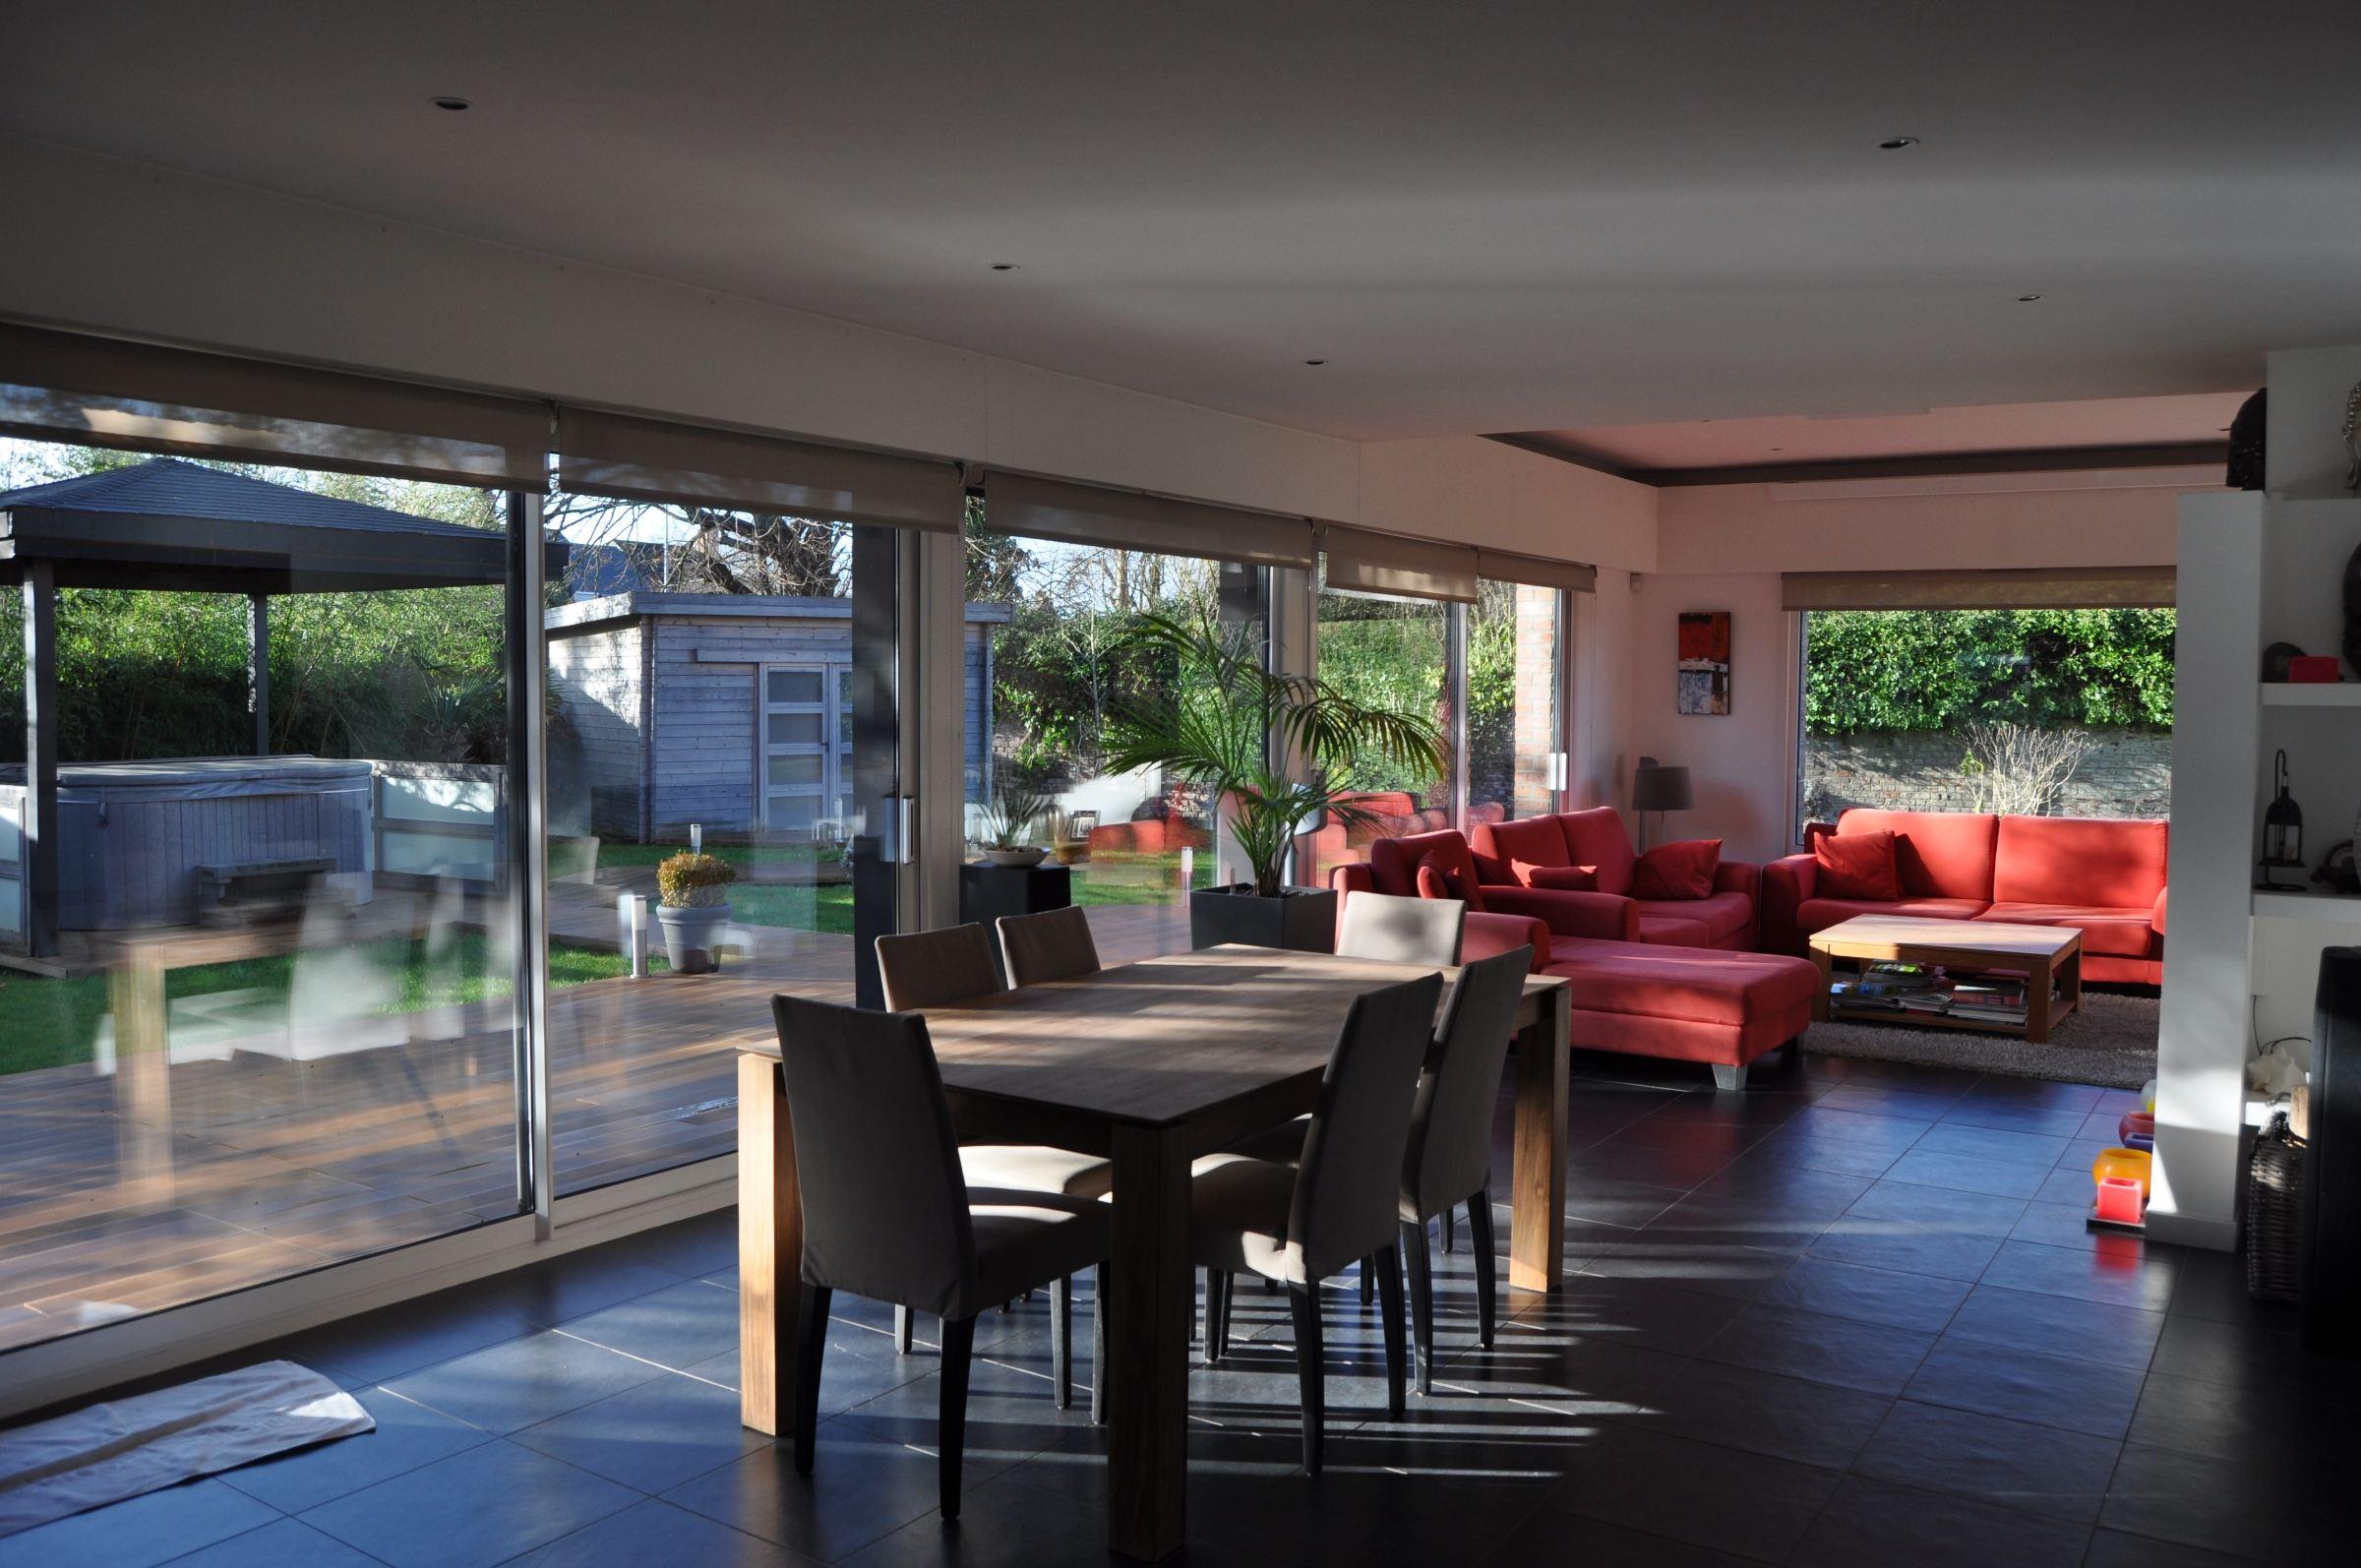 Property For Sale at VILLENEUVE-D'ASCQ, CONTEMPORARY LUXURY VILLA 210 m2. 5 beds.